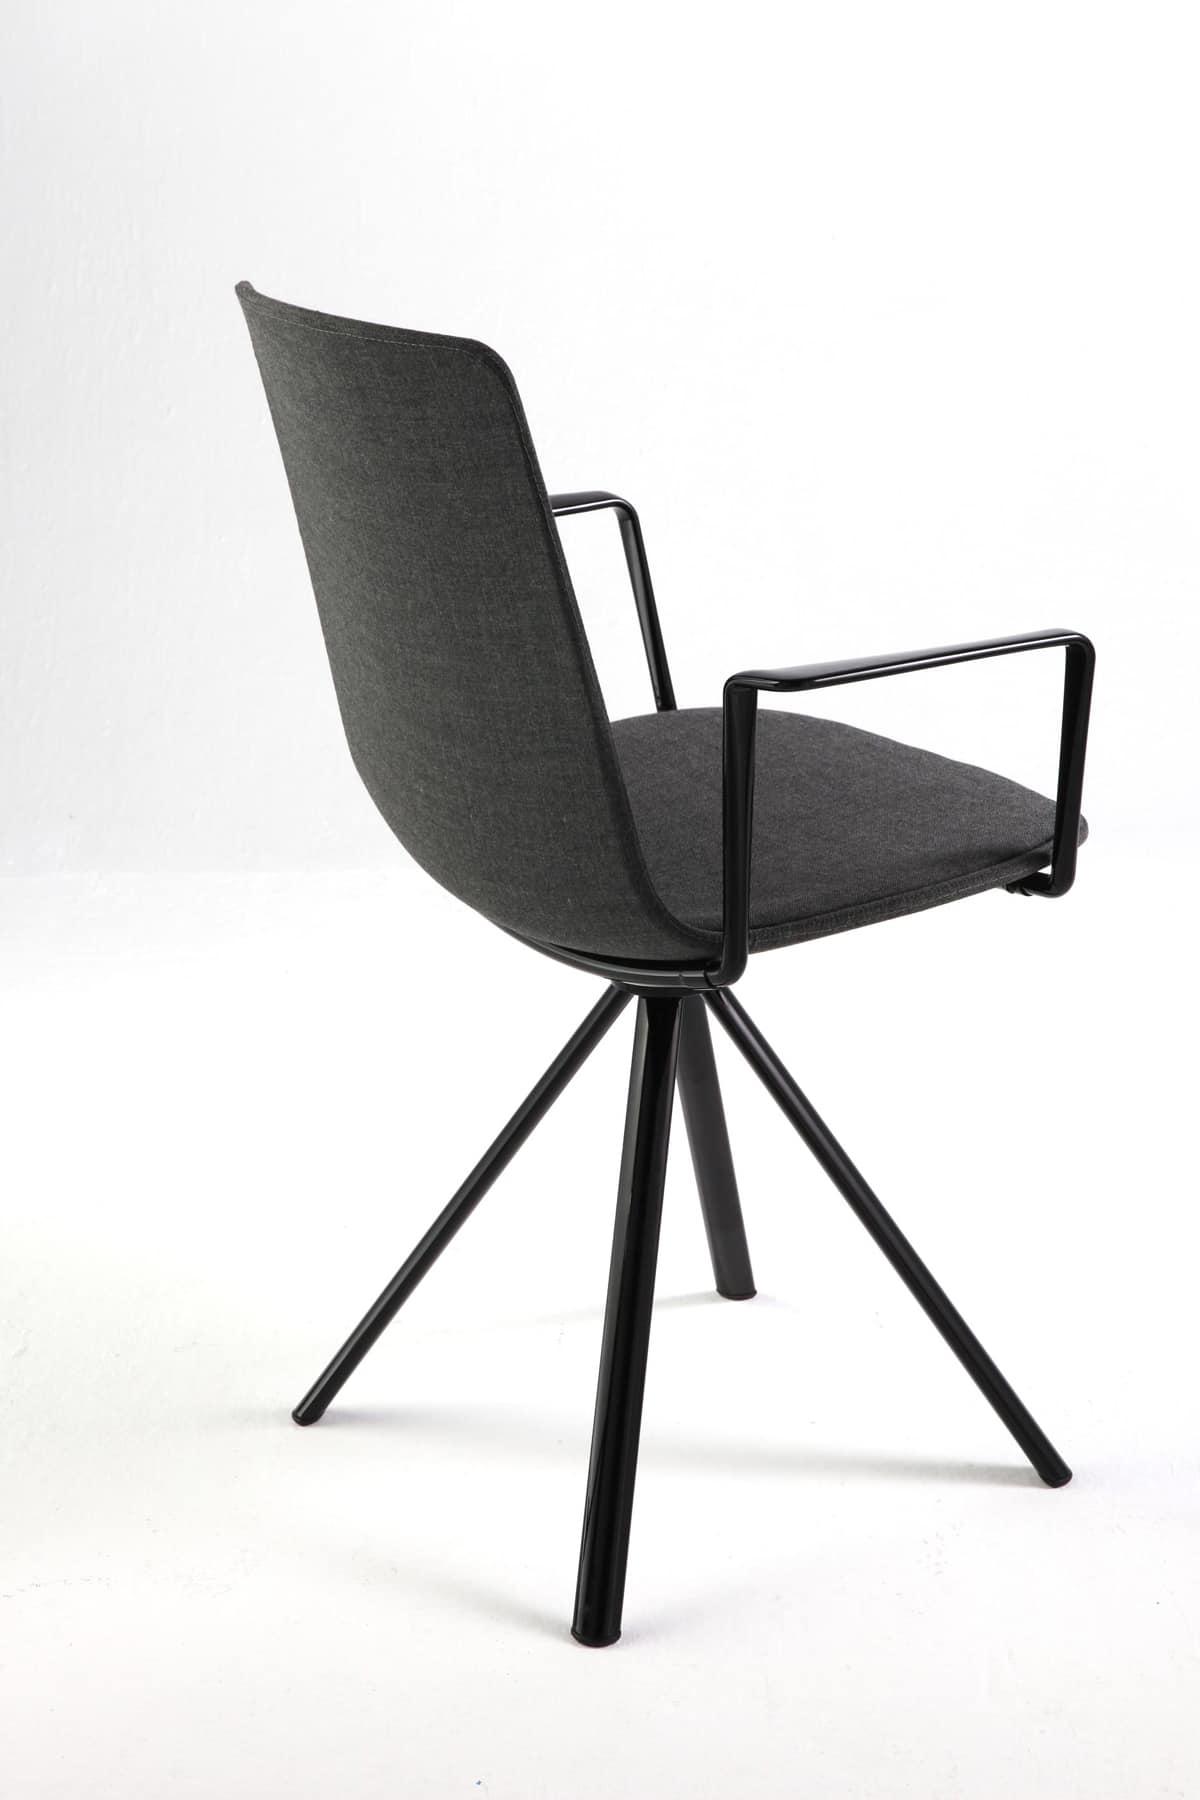 Lottus High chaise